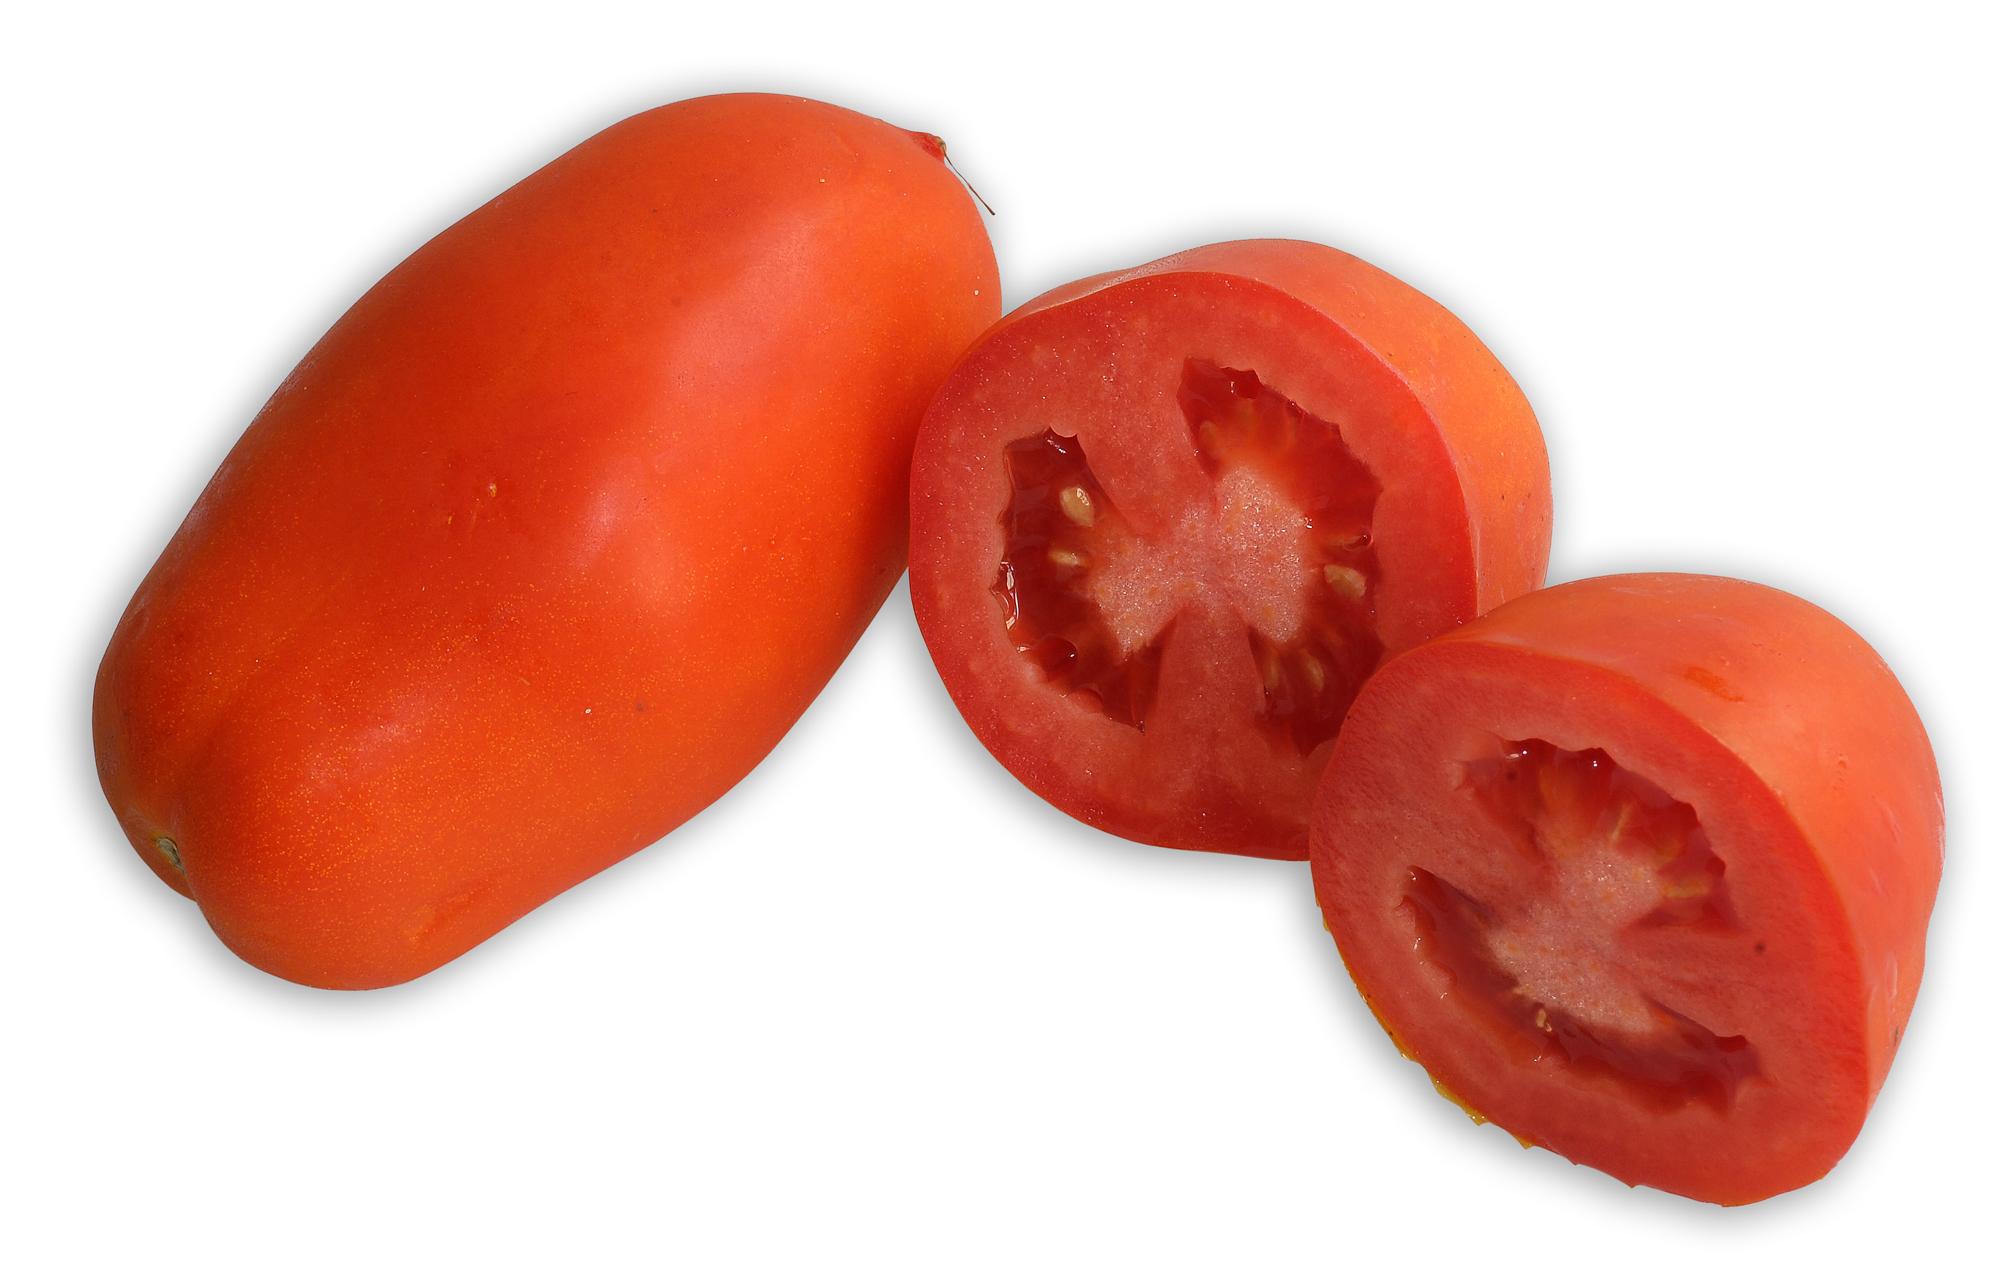 San-Marzano-Tomate, auch Flaschentomate genannt, eine Sorte aus der großen Familie der Tomate